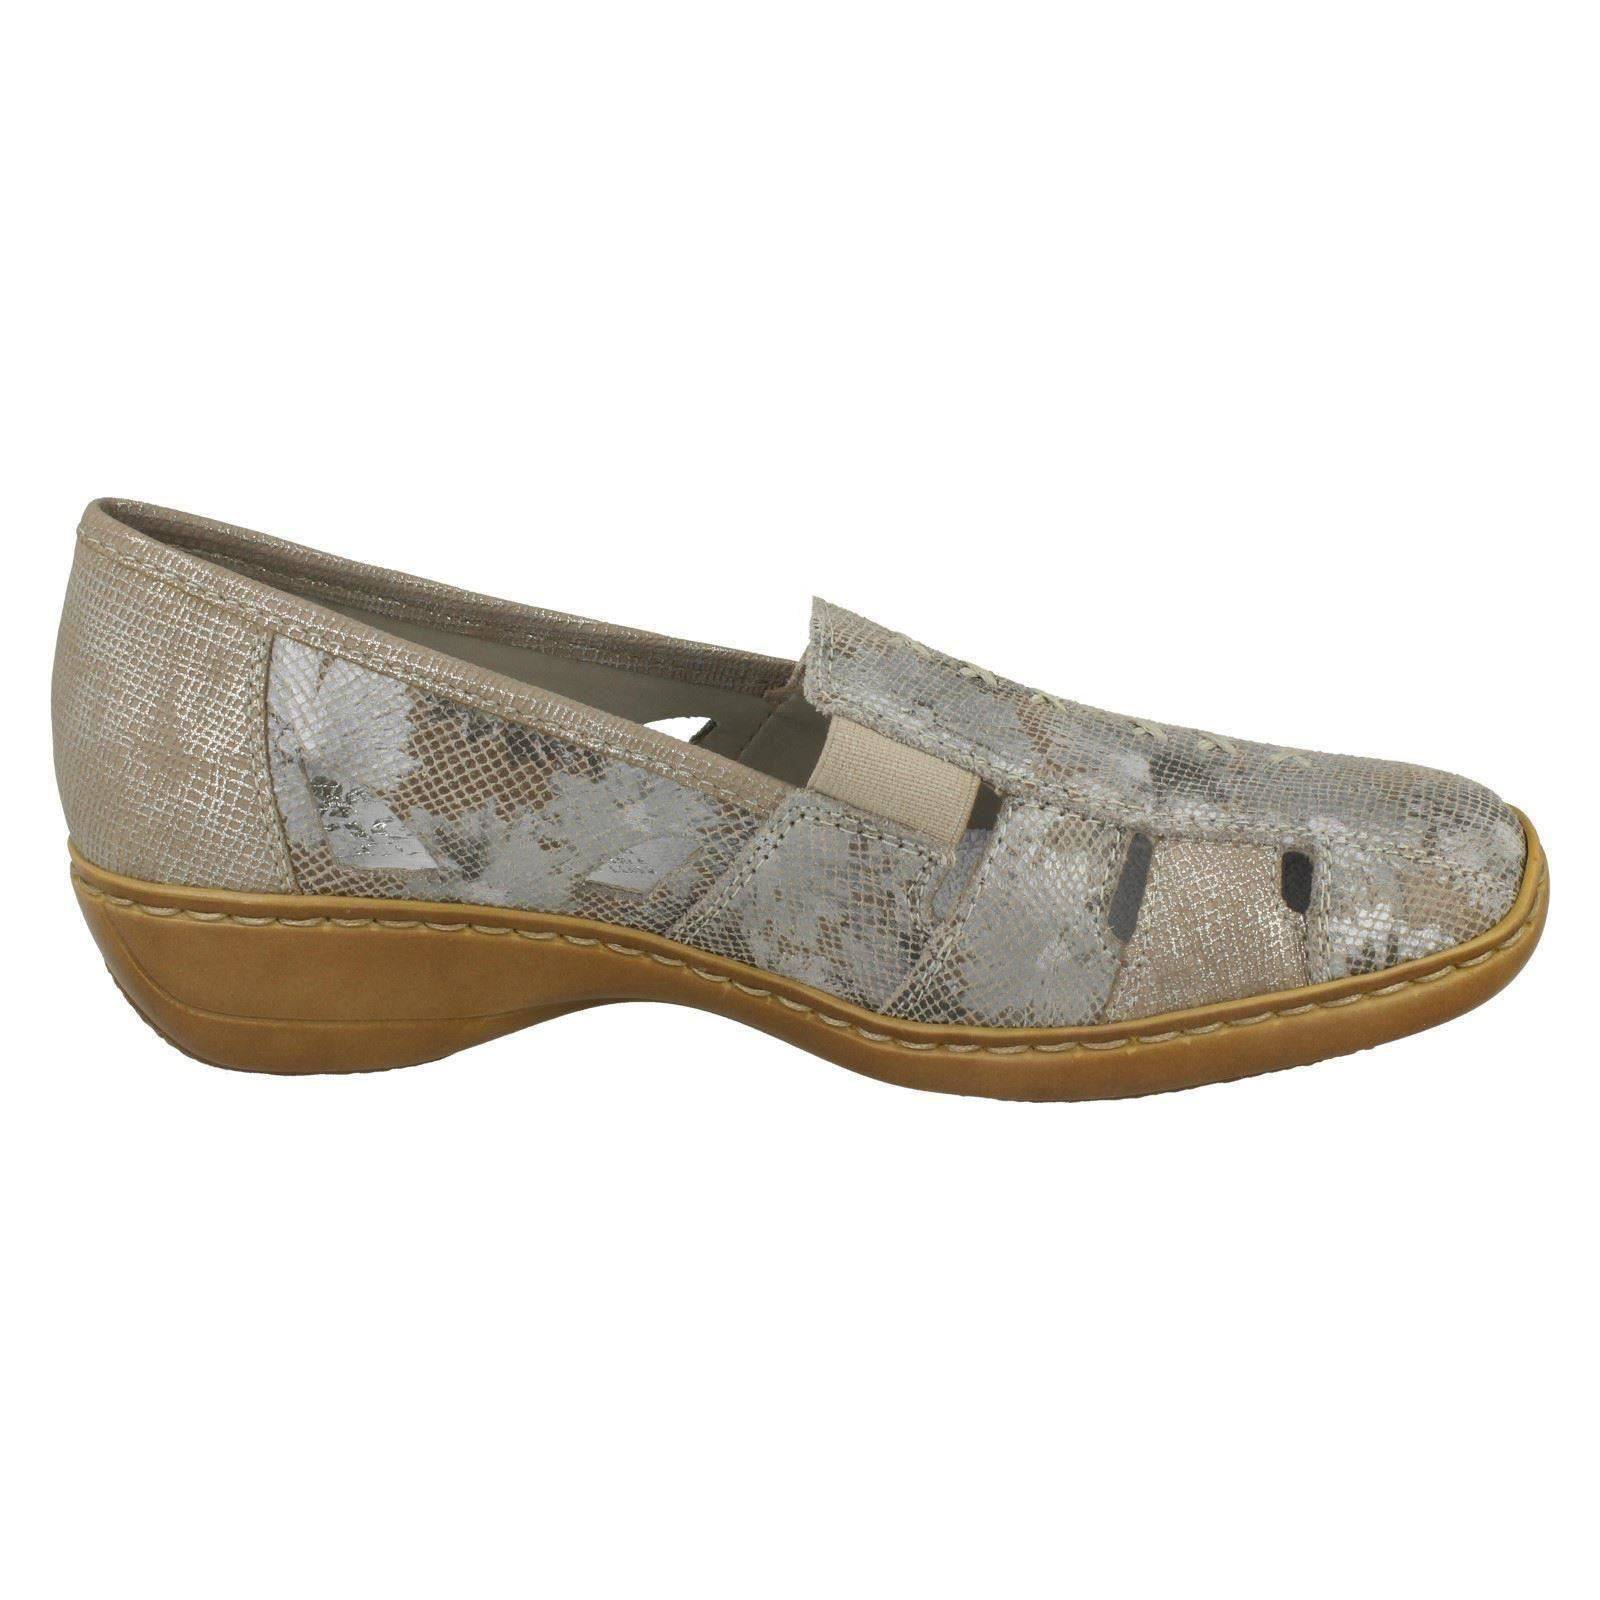 Scarpe da stile Donna Rieker lo stile da - 41385 dfba2a